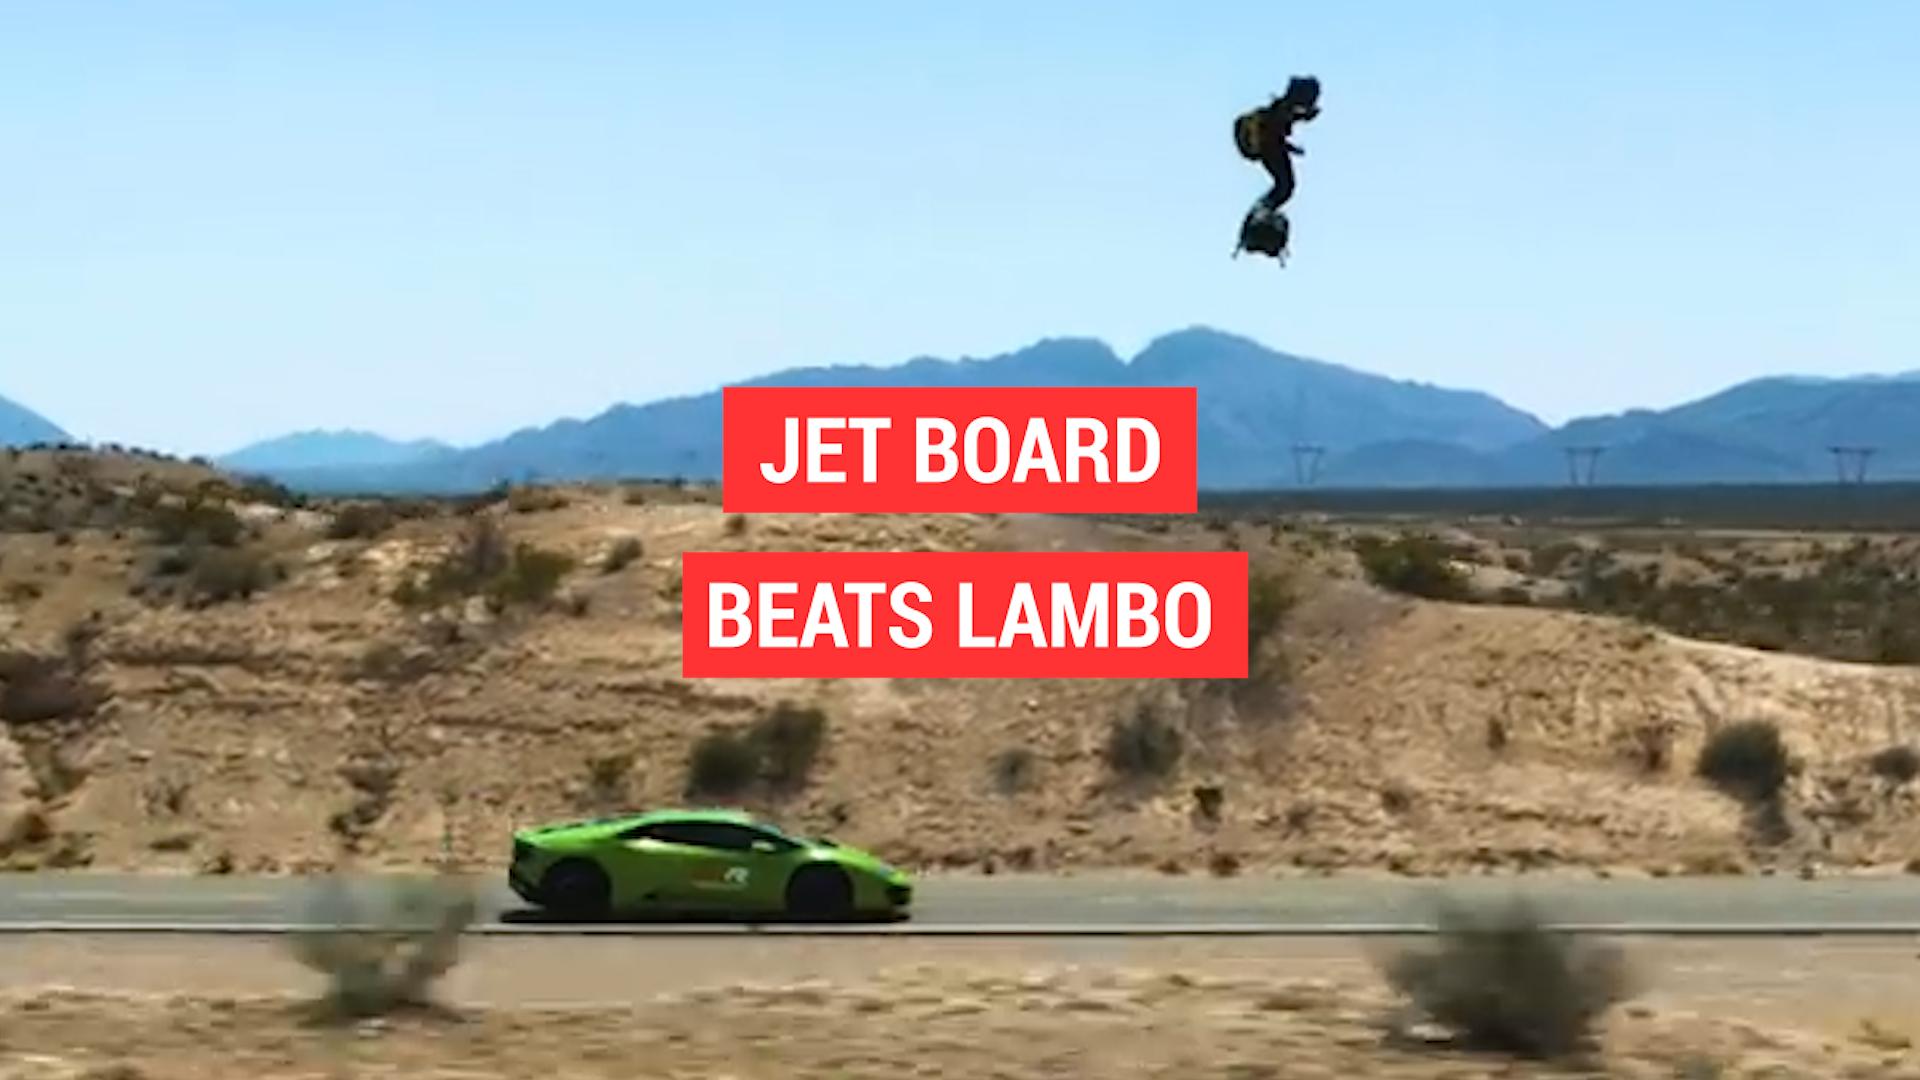 103 MPH jet board races Lamborghini in the desert